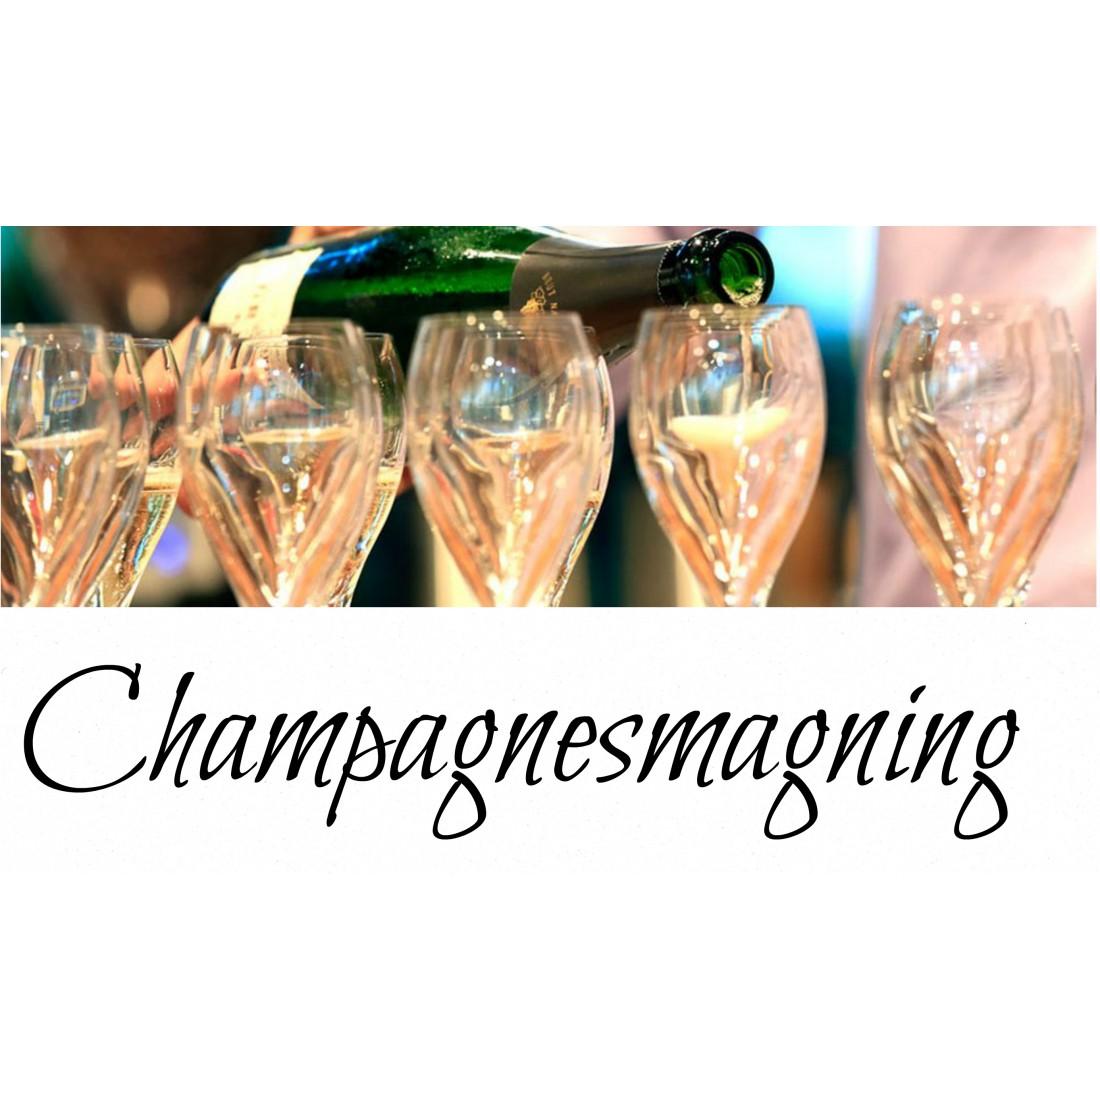 Champagnesmagning søndag den 27 december kl. 19.00 I ChampagneKælderen-31